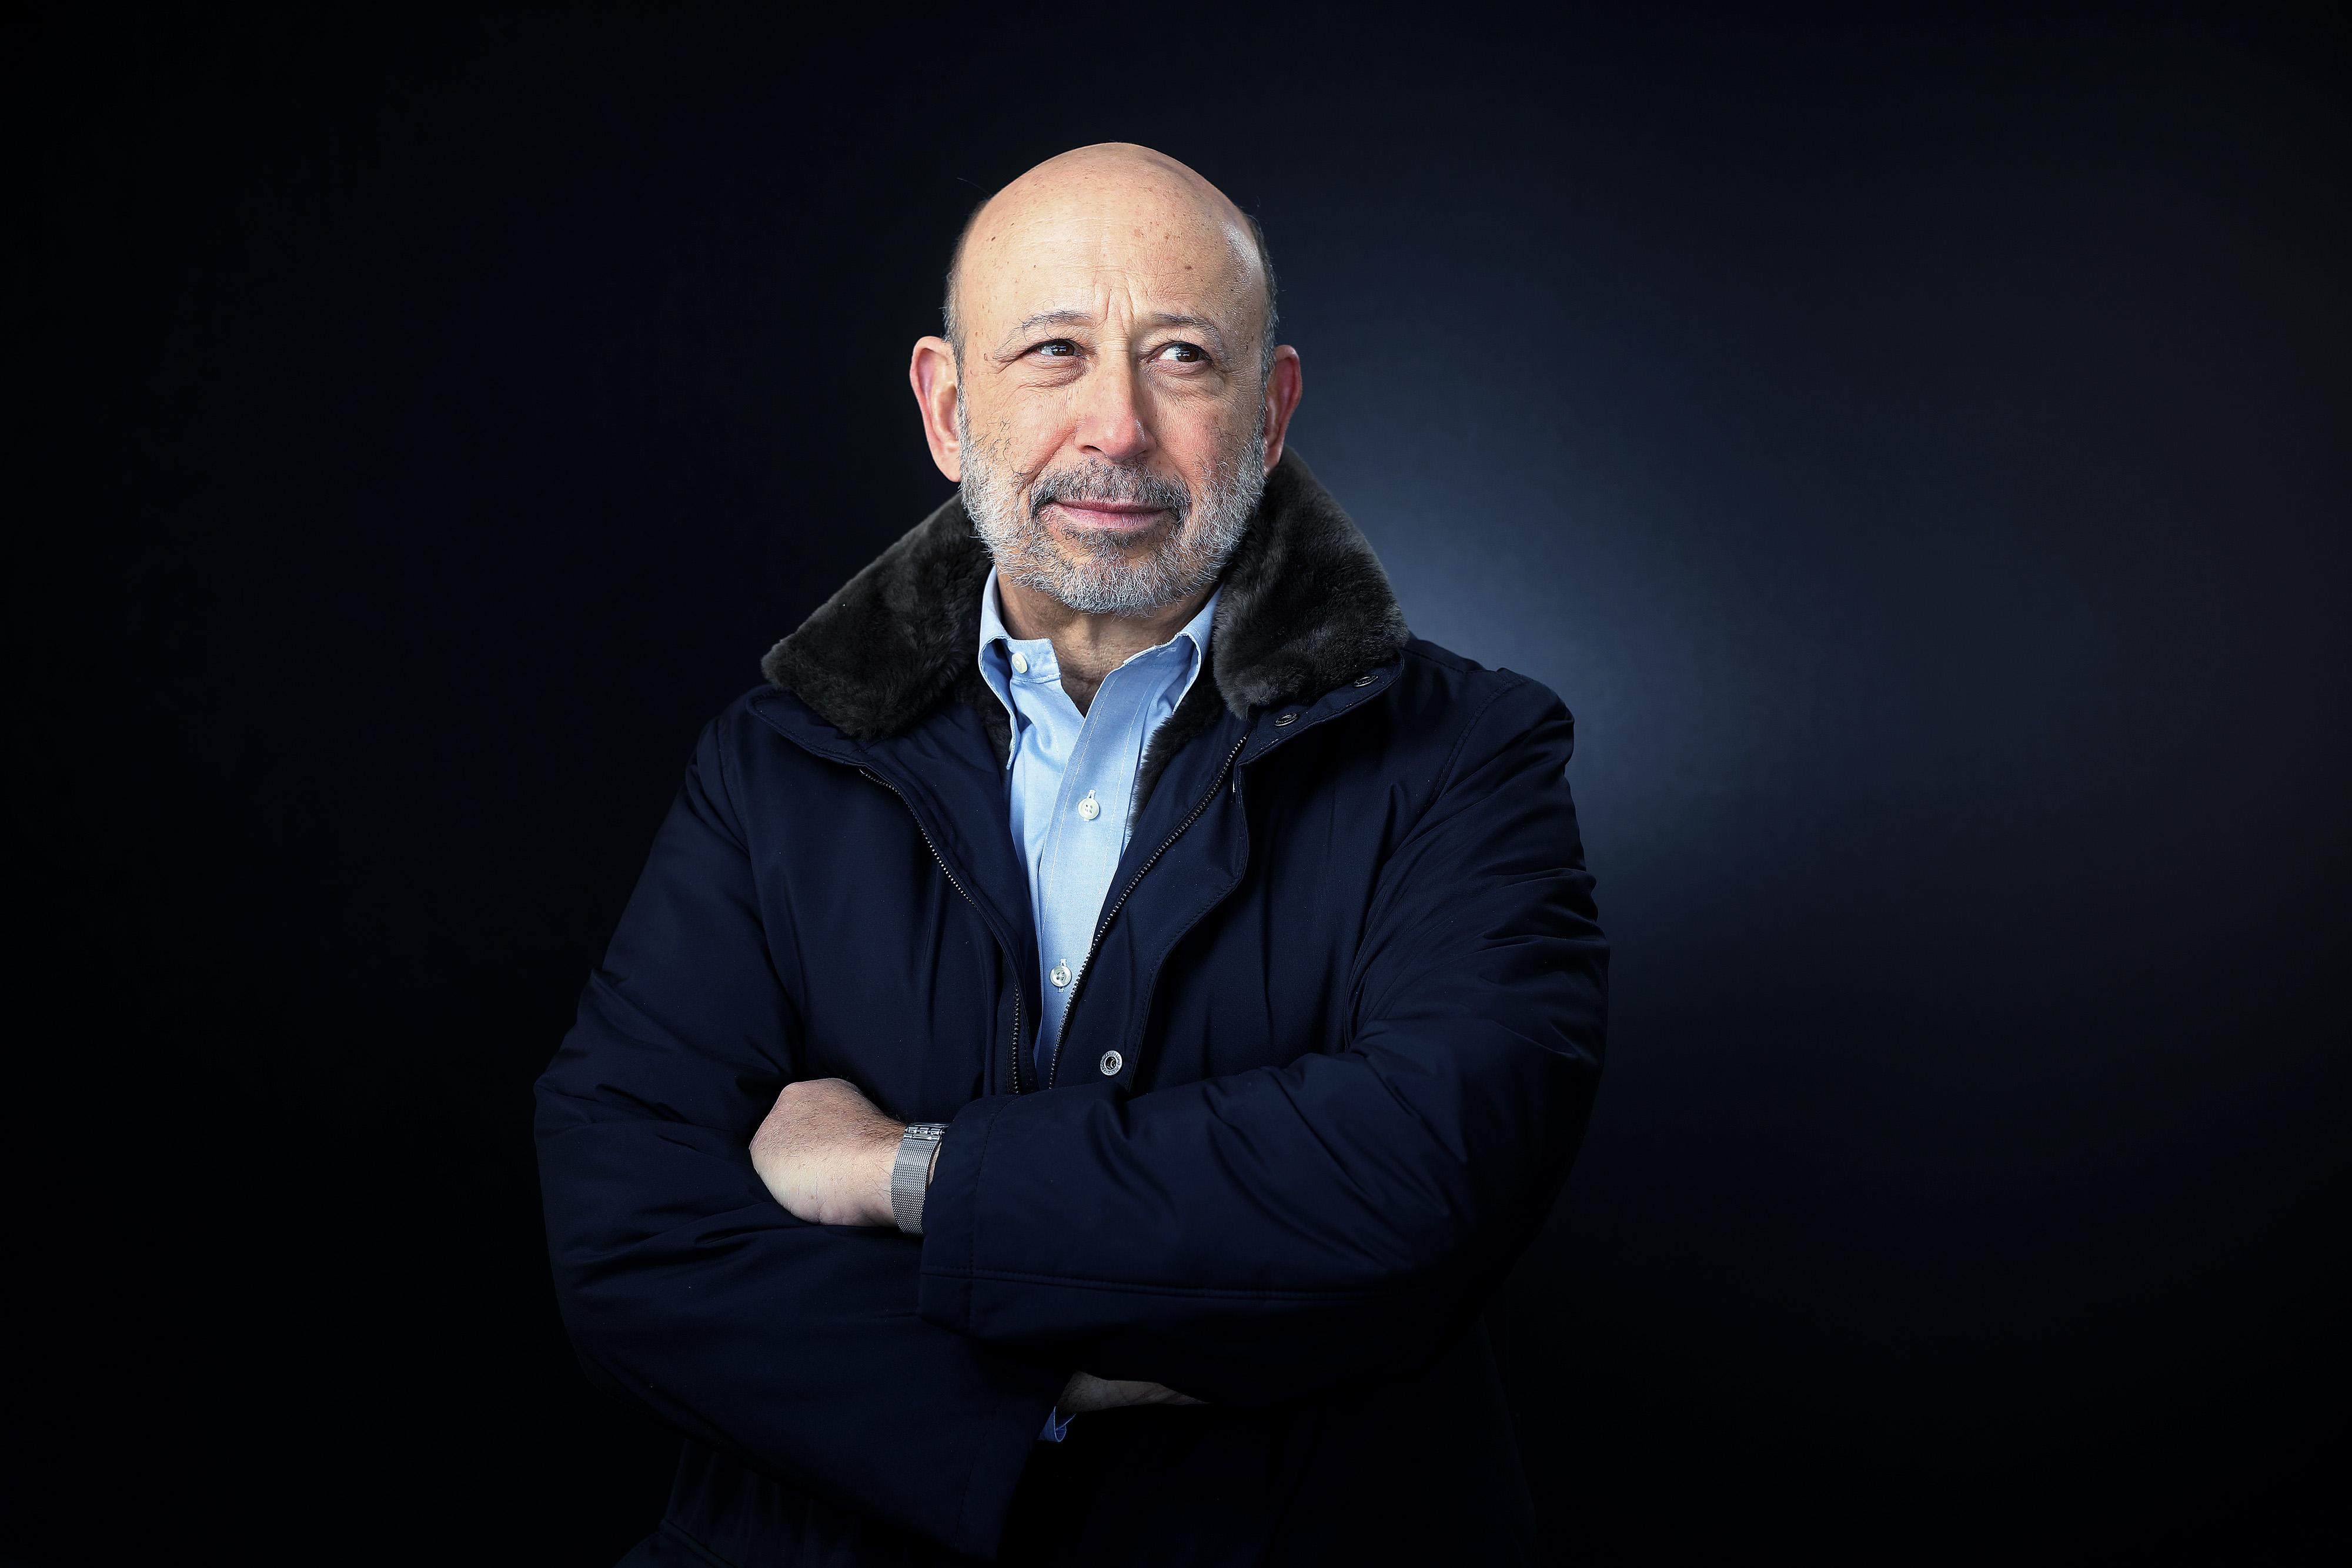 Fortune 500: Goldman Sachs, Lloyd Blankfein